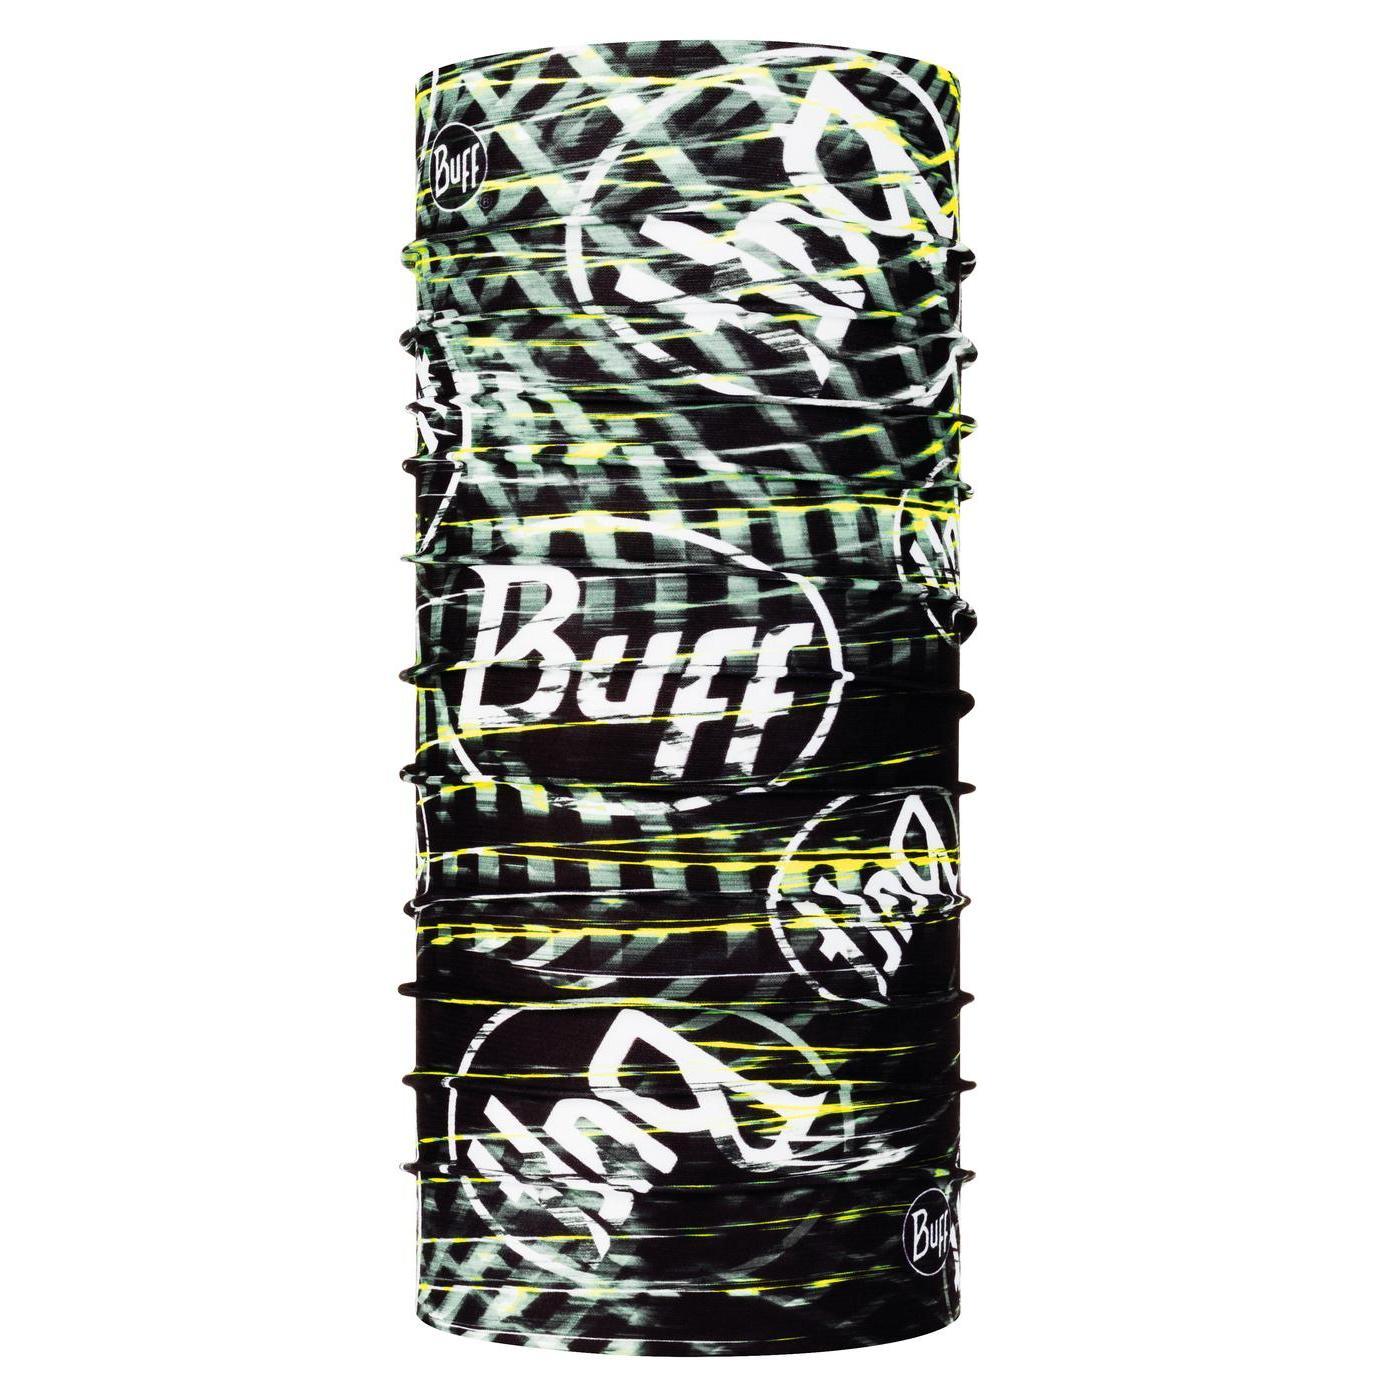 Бандана Buff CoolNet UV+ Neckwear Ulnar Black (122505.999.10.00)